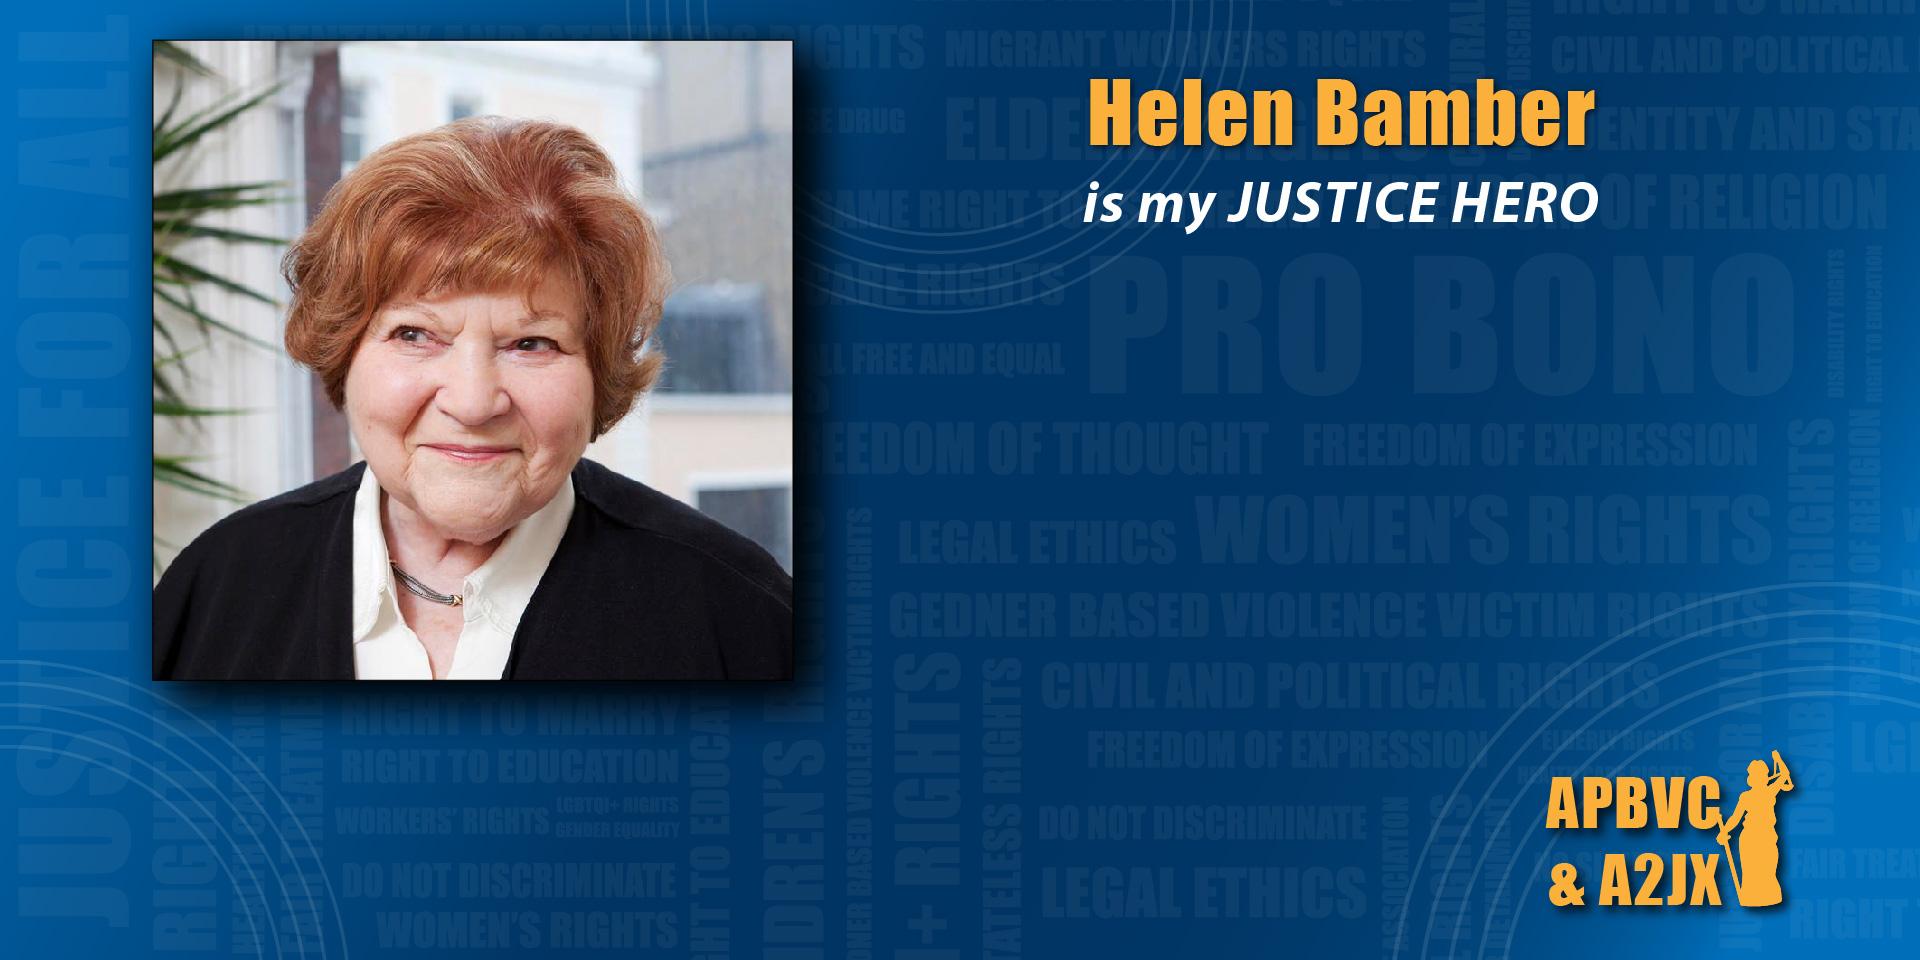 Helen Bamber